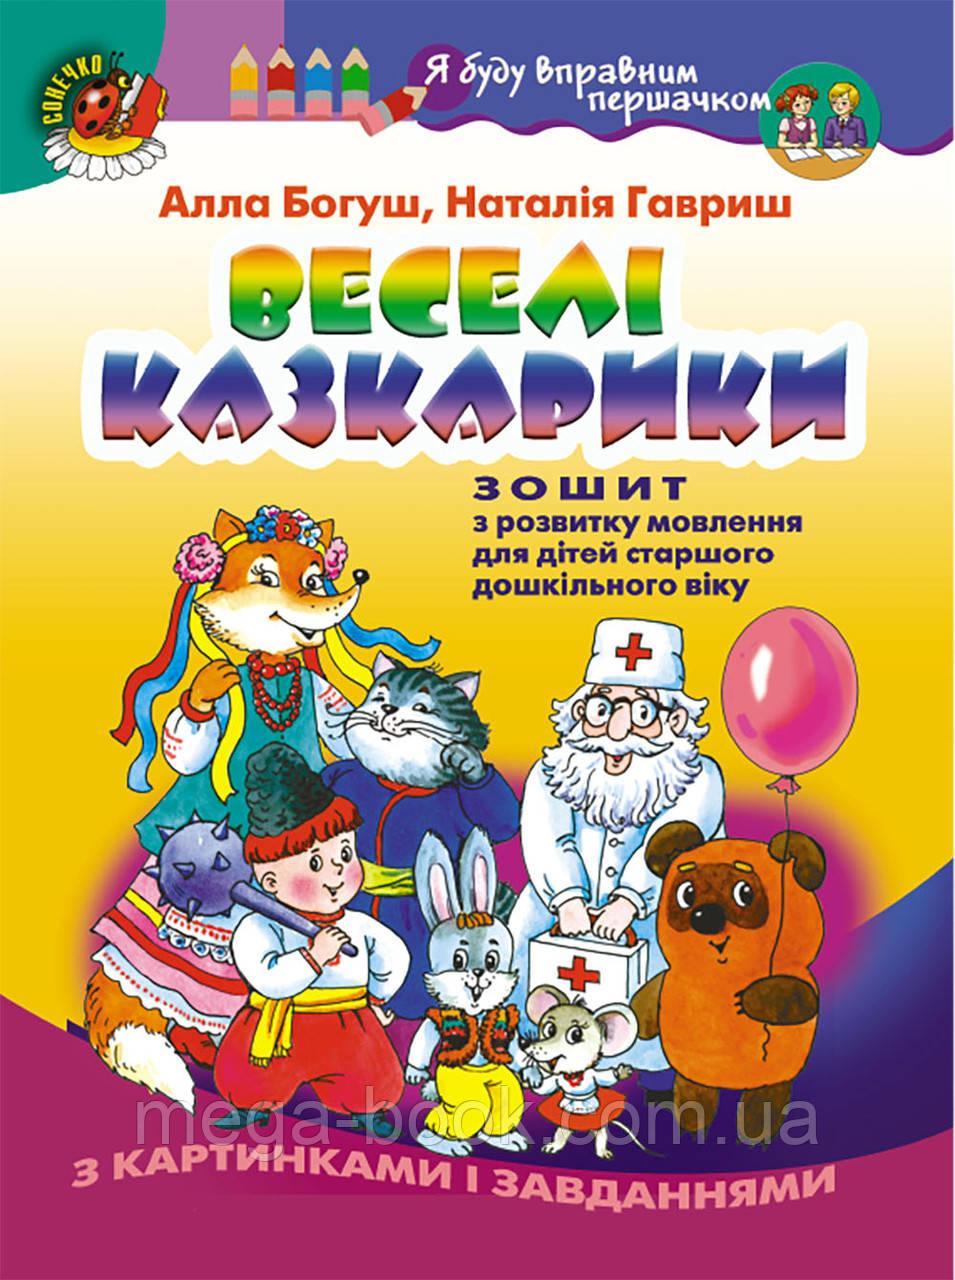 Веселі казкарики. Зошит з розвитку мовлення (для старшого дошкільного віку, 5-6 років) Сонечко